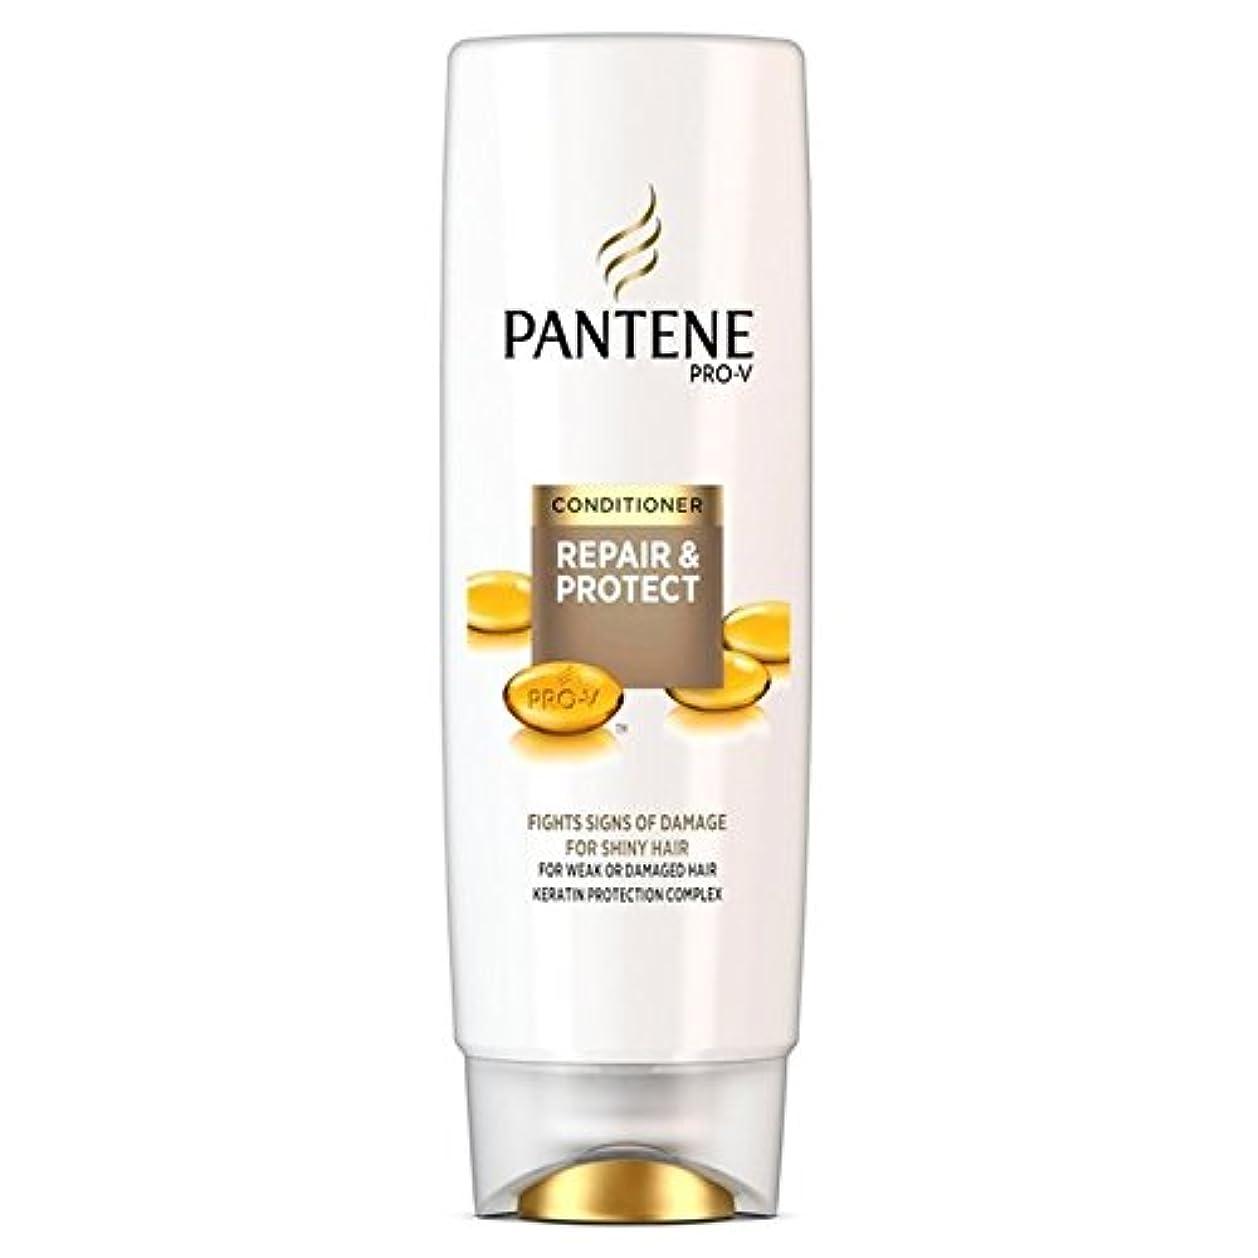 マイクロ狂う羽Pantene Conditioner Repair & Protect For Weak Or Damaged Hair 250ml (Pack of 6) - パンテーンコンディショナーの修理&弱いか、傷んだ髪の250...